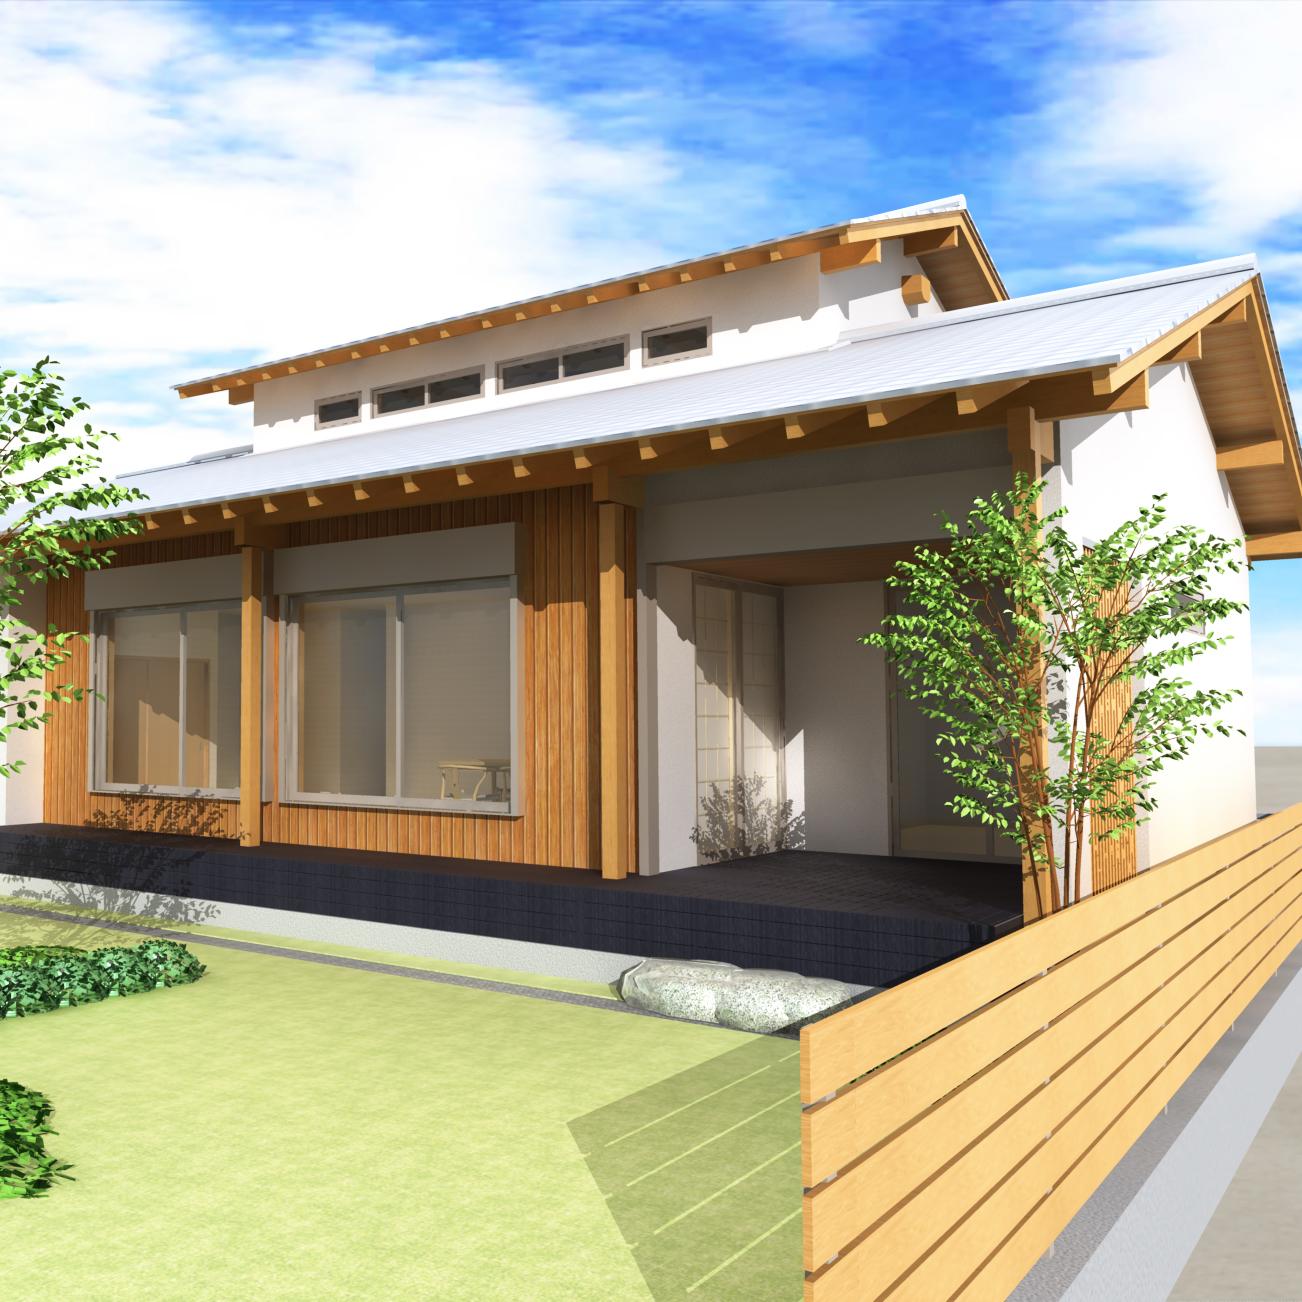 ぎふの木の家